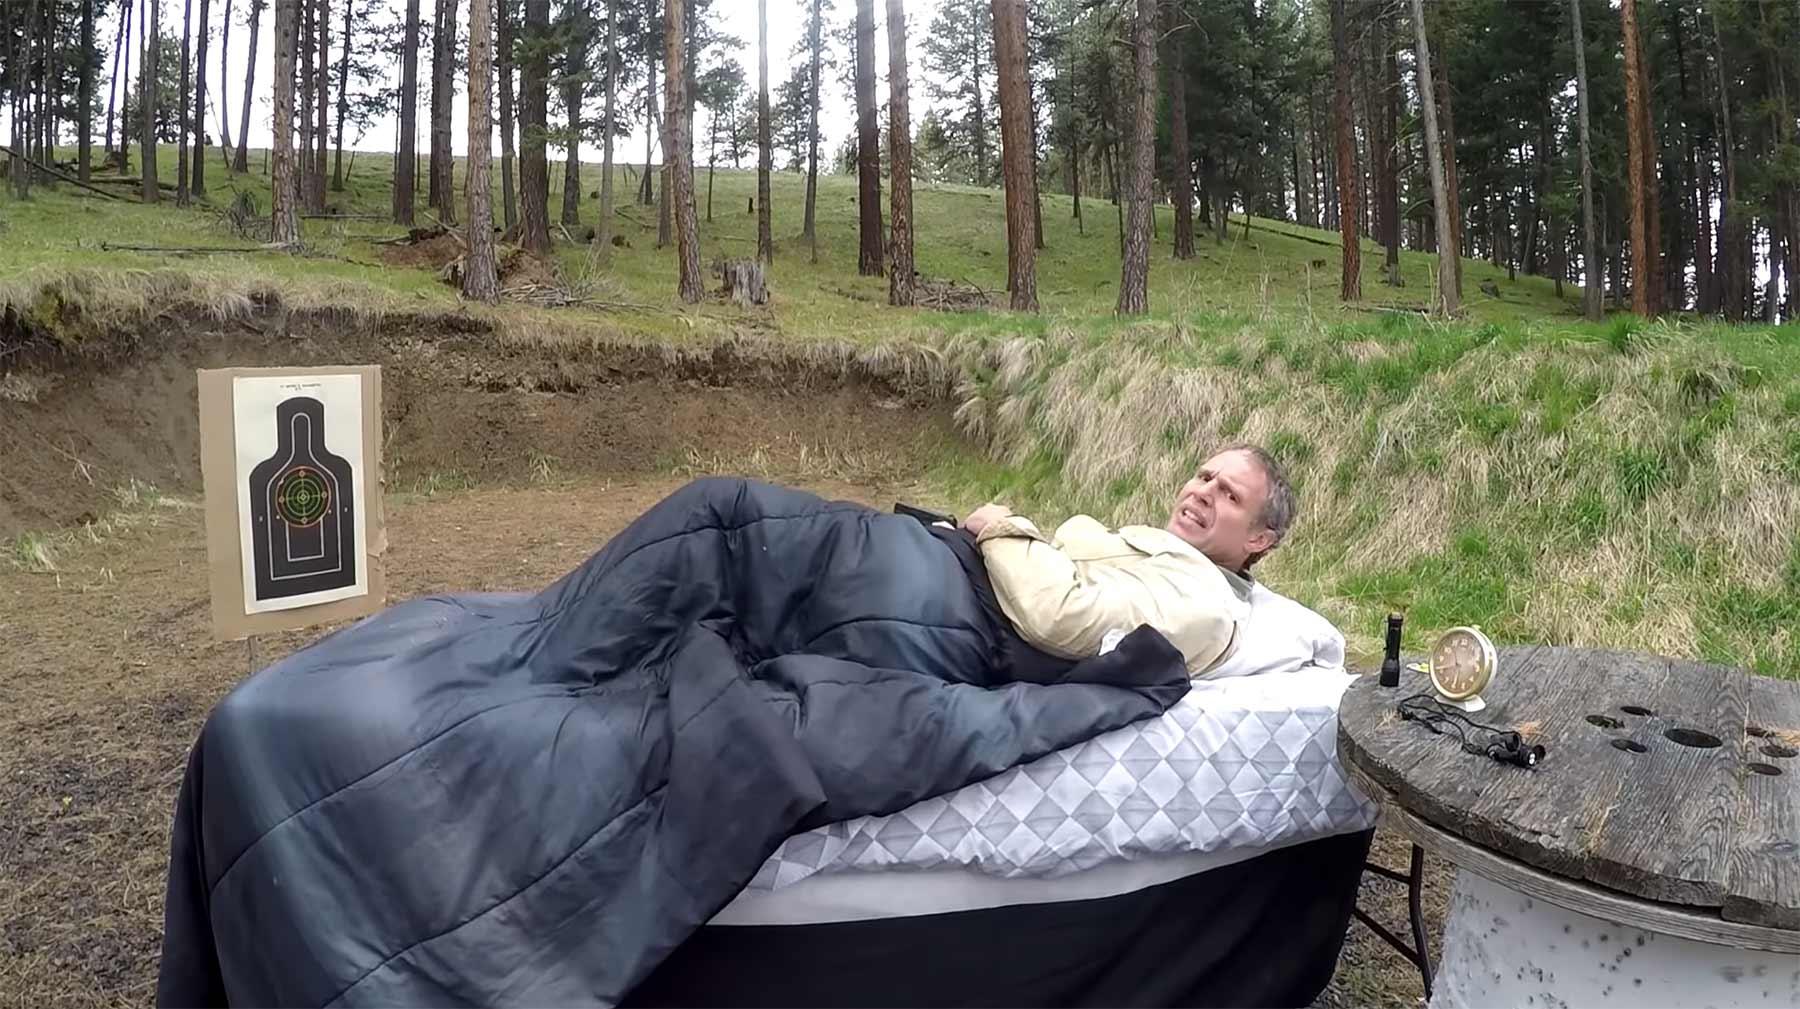 Ratgeber zeigt, wie man im Bett liegend seine Waffe abfeuert aus-dem-bett-schiessen